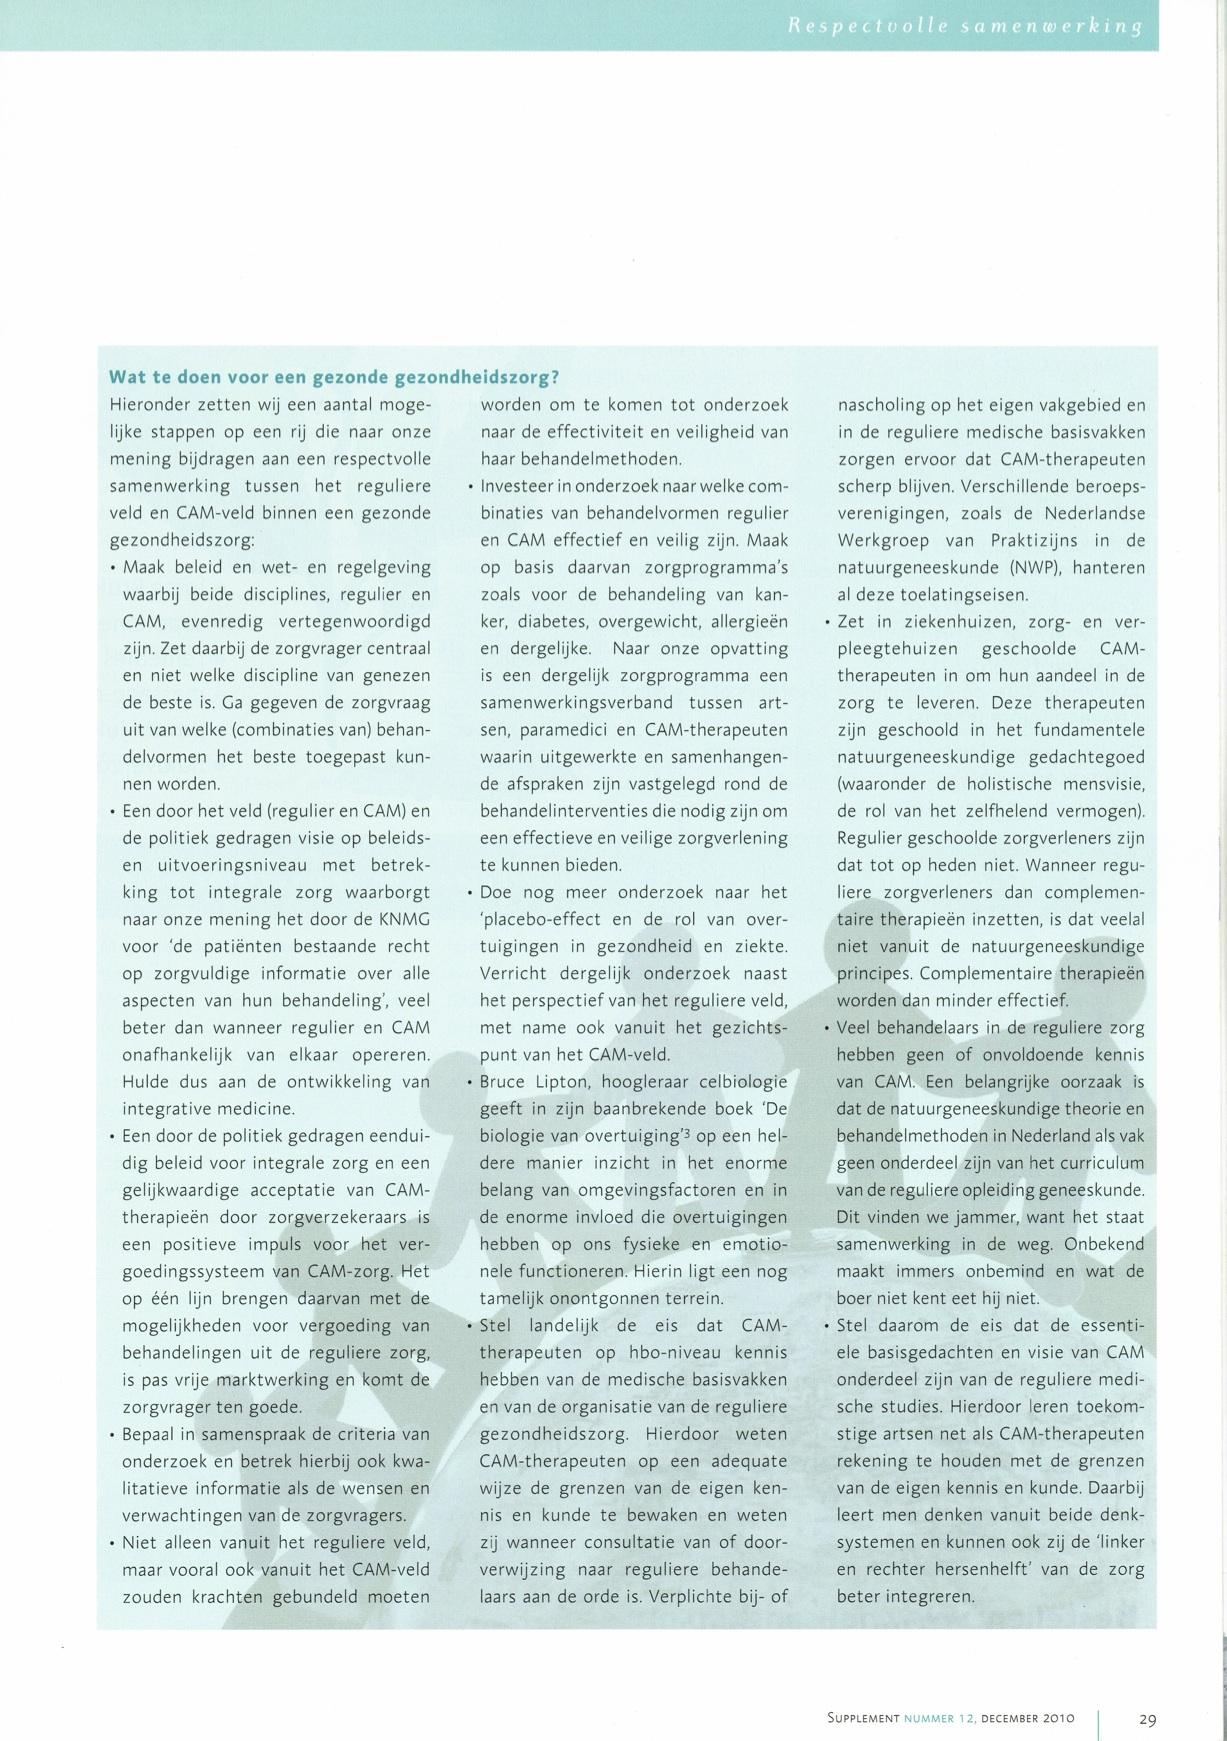 Pagina 3 Artikel  Respectvolle samenwerking in een gezonde gezondheidszorg